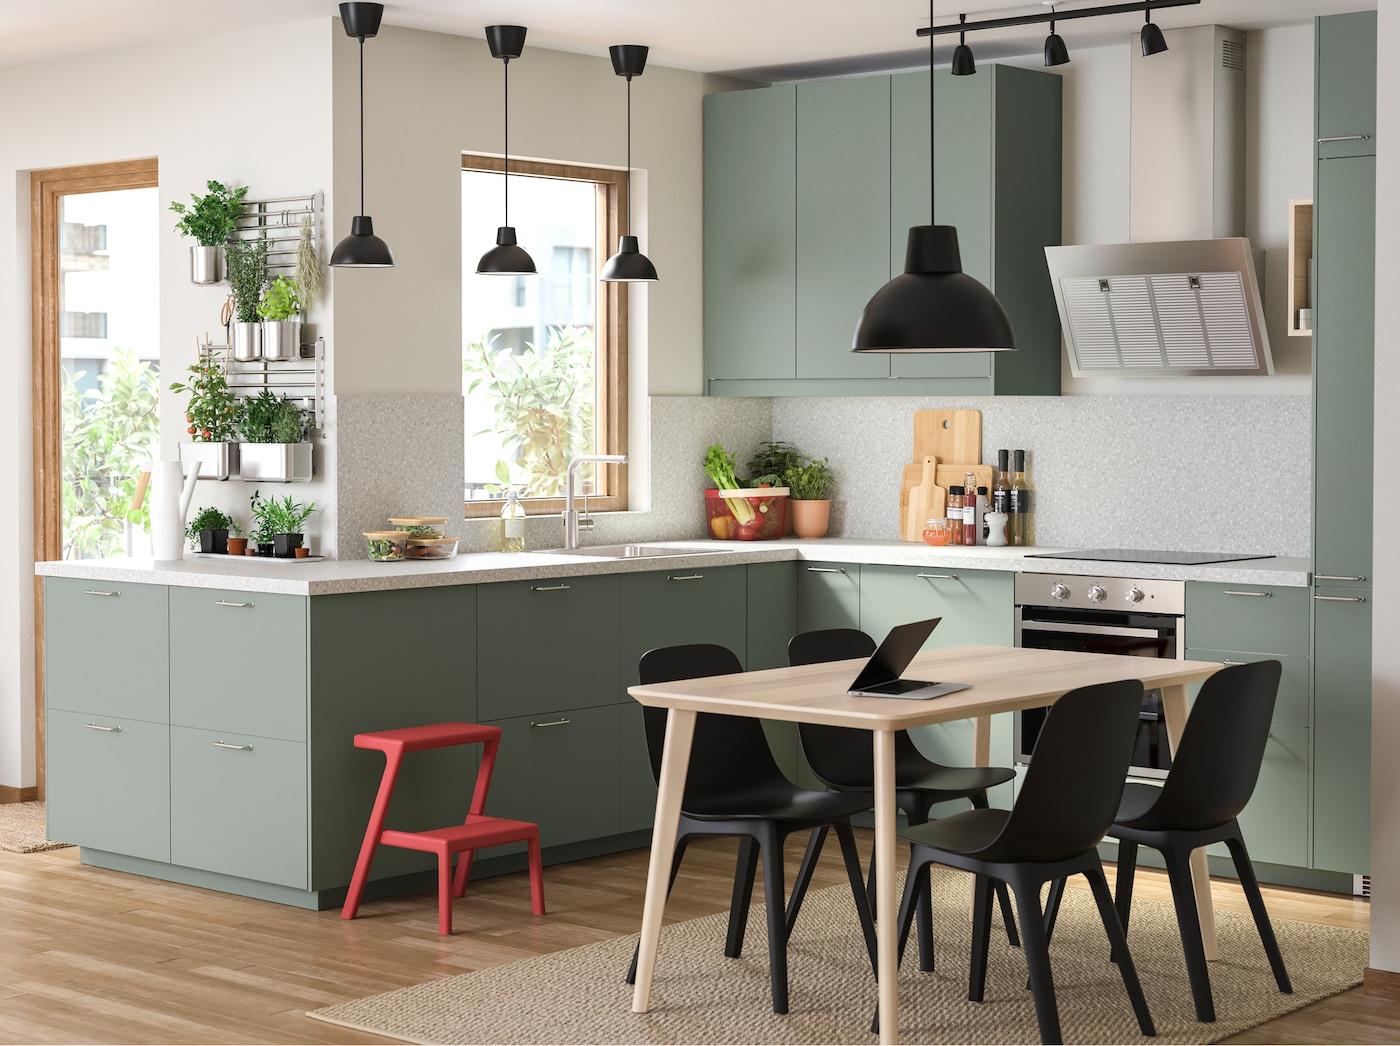 Een grijsgroene keuken, een houten eettafel met zwarte stoelen en kruiden aan de wand.